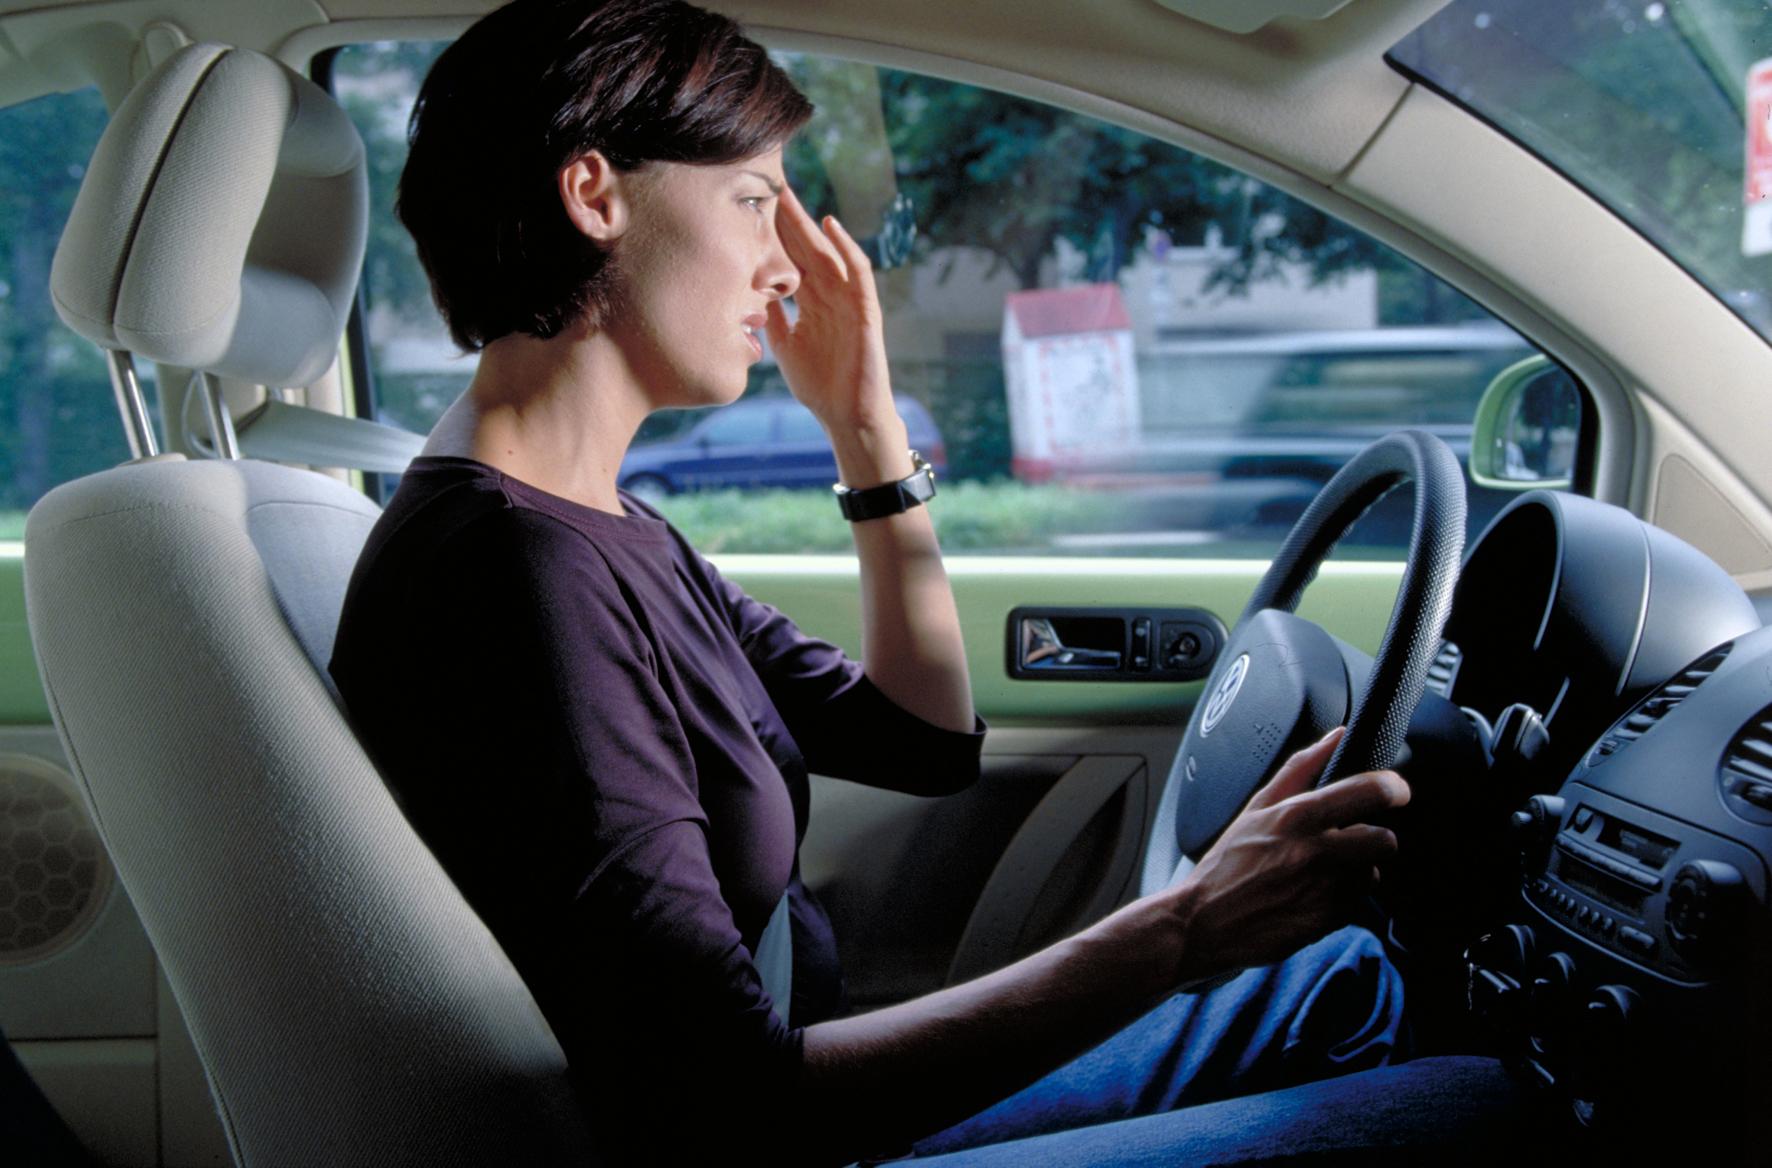 mid Groß-Gerau - Vielen Autofahrern steigt die Hitze im Hochsommer schnell zu Kopf. Eine Klimaanlage sorgt für Abhilfe.